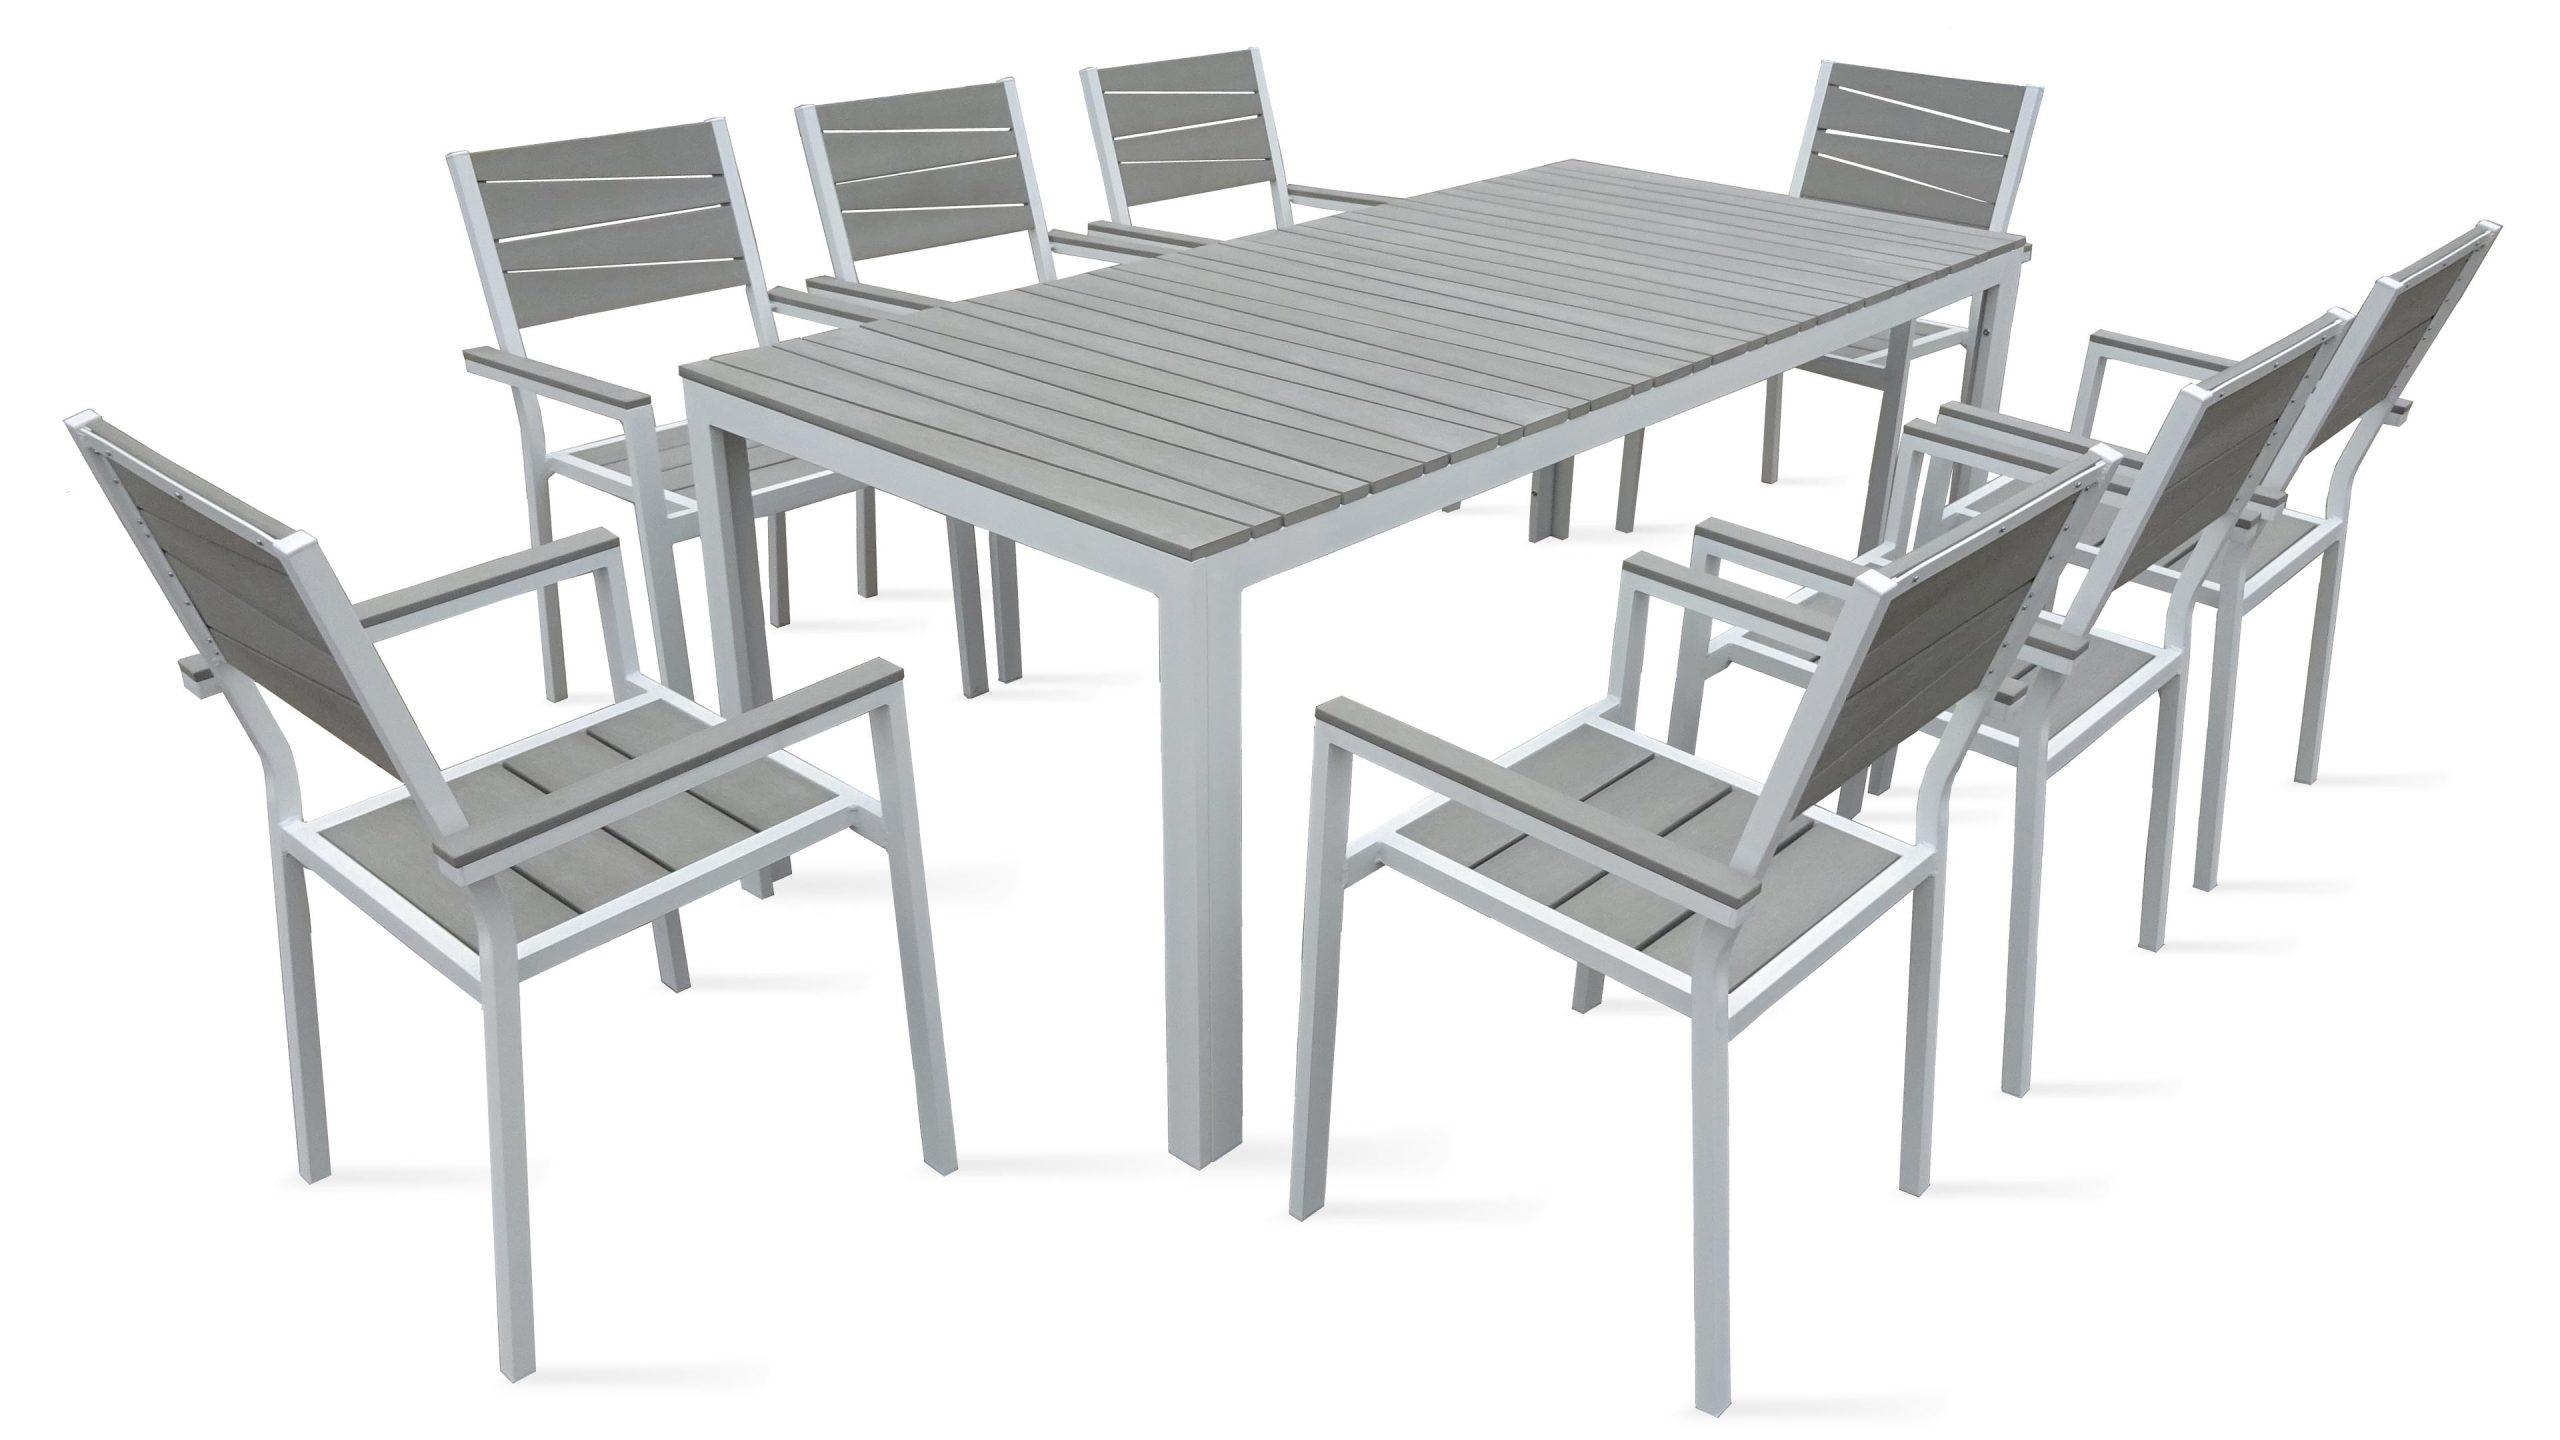 Table De Jardin 8 Places Aluminium Polywood intérieur Salon De Jardin Aluminium Et Composite